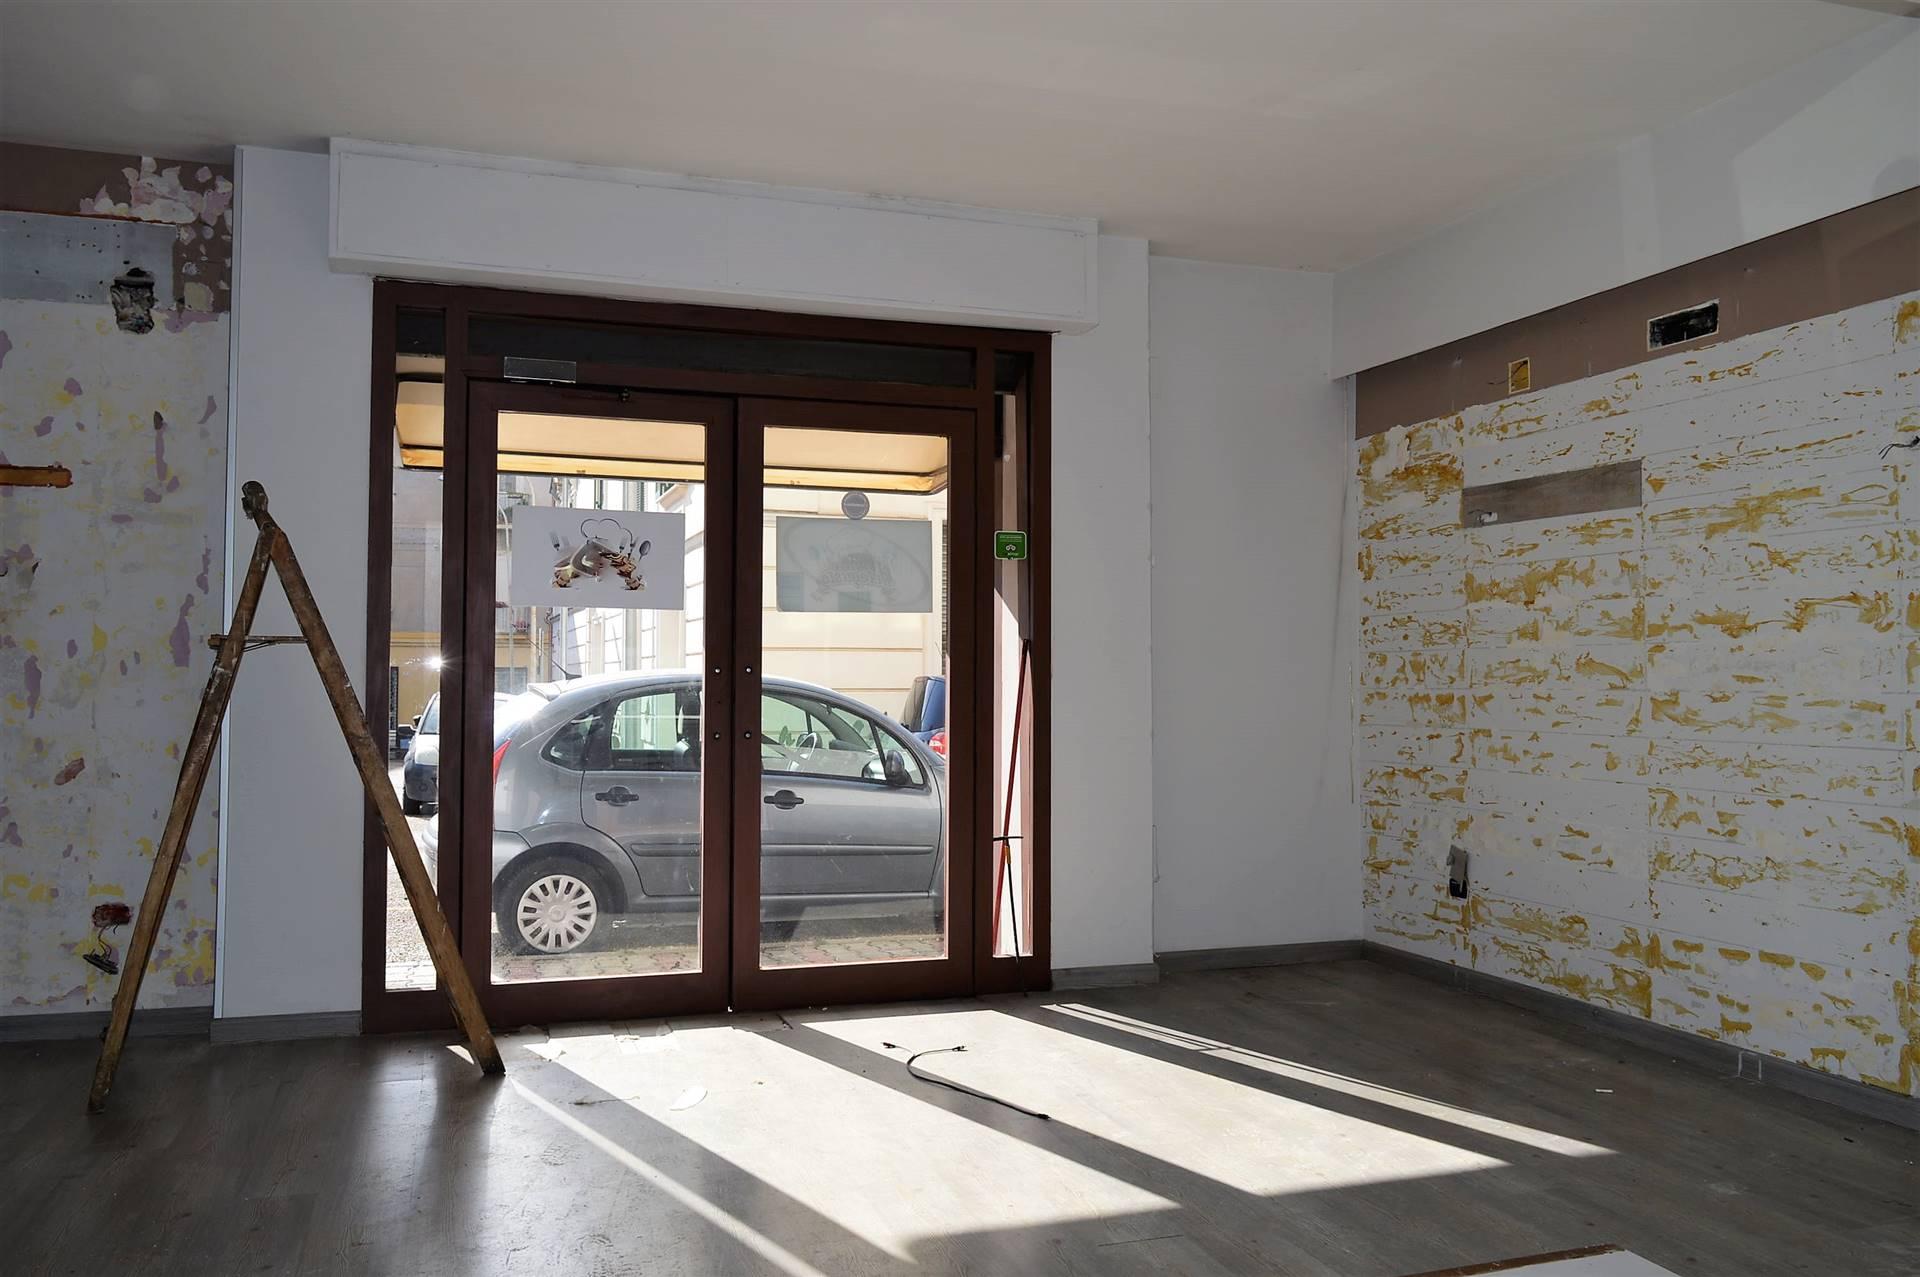 Negozio / Locale in affitto a Santa Maria Capua Vetere, 1 locali, prezzo € 500   CambioCasa.it